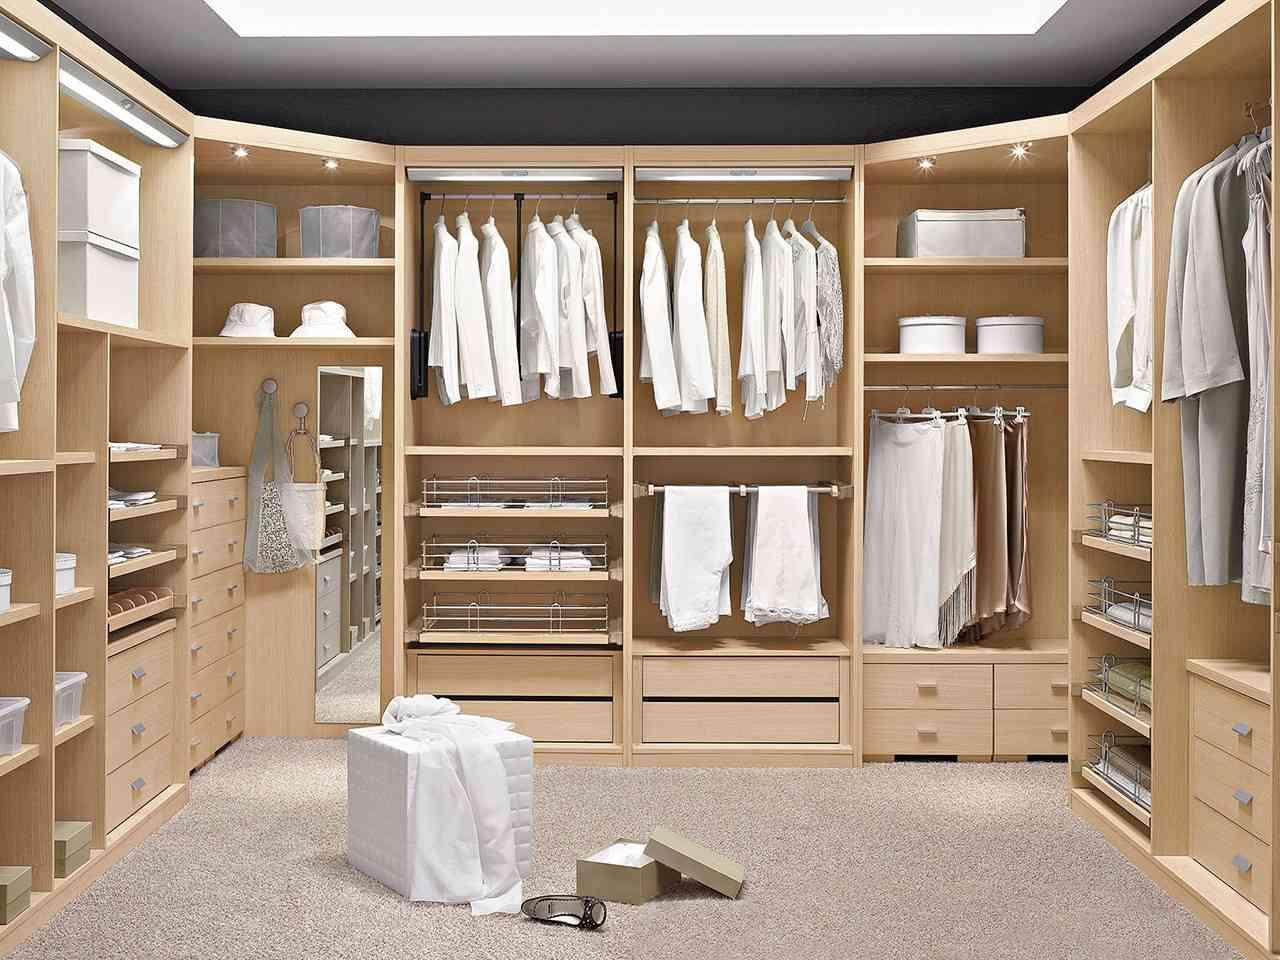 Organizar El Vestidor Claves Para Tener Exito - Como-organizar-un-vestidor